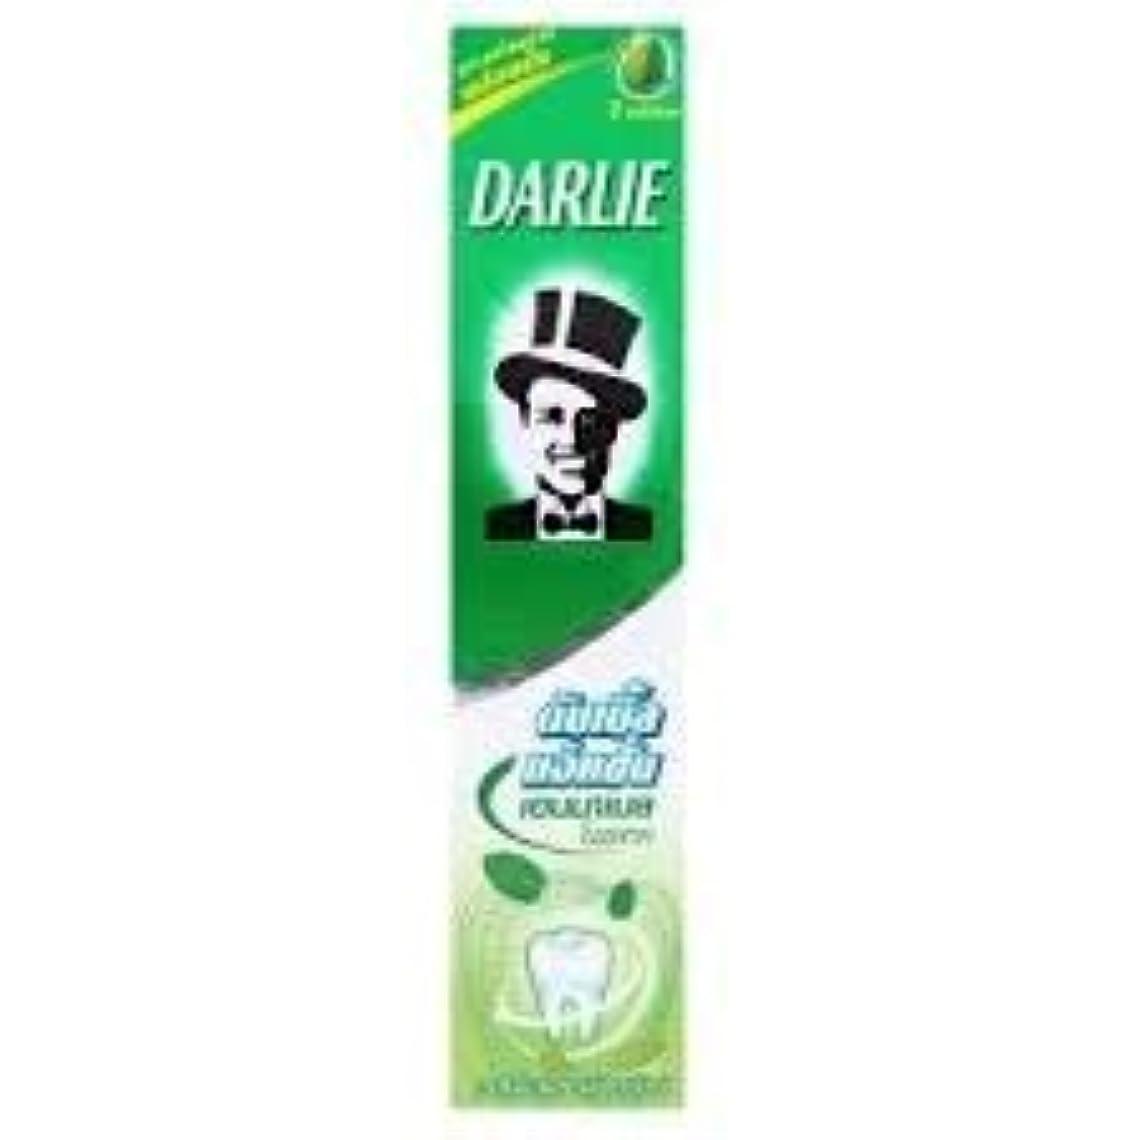 自明四リサイクルするDARLIE 歯磨き粉エナメルは強力なミントを保護します200g - 私達の元の強いミントの味とあなたの呼吸のミントを新しく保ちます